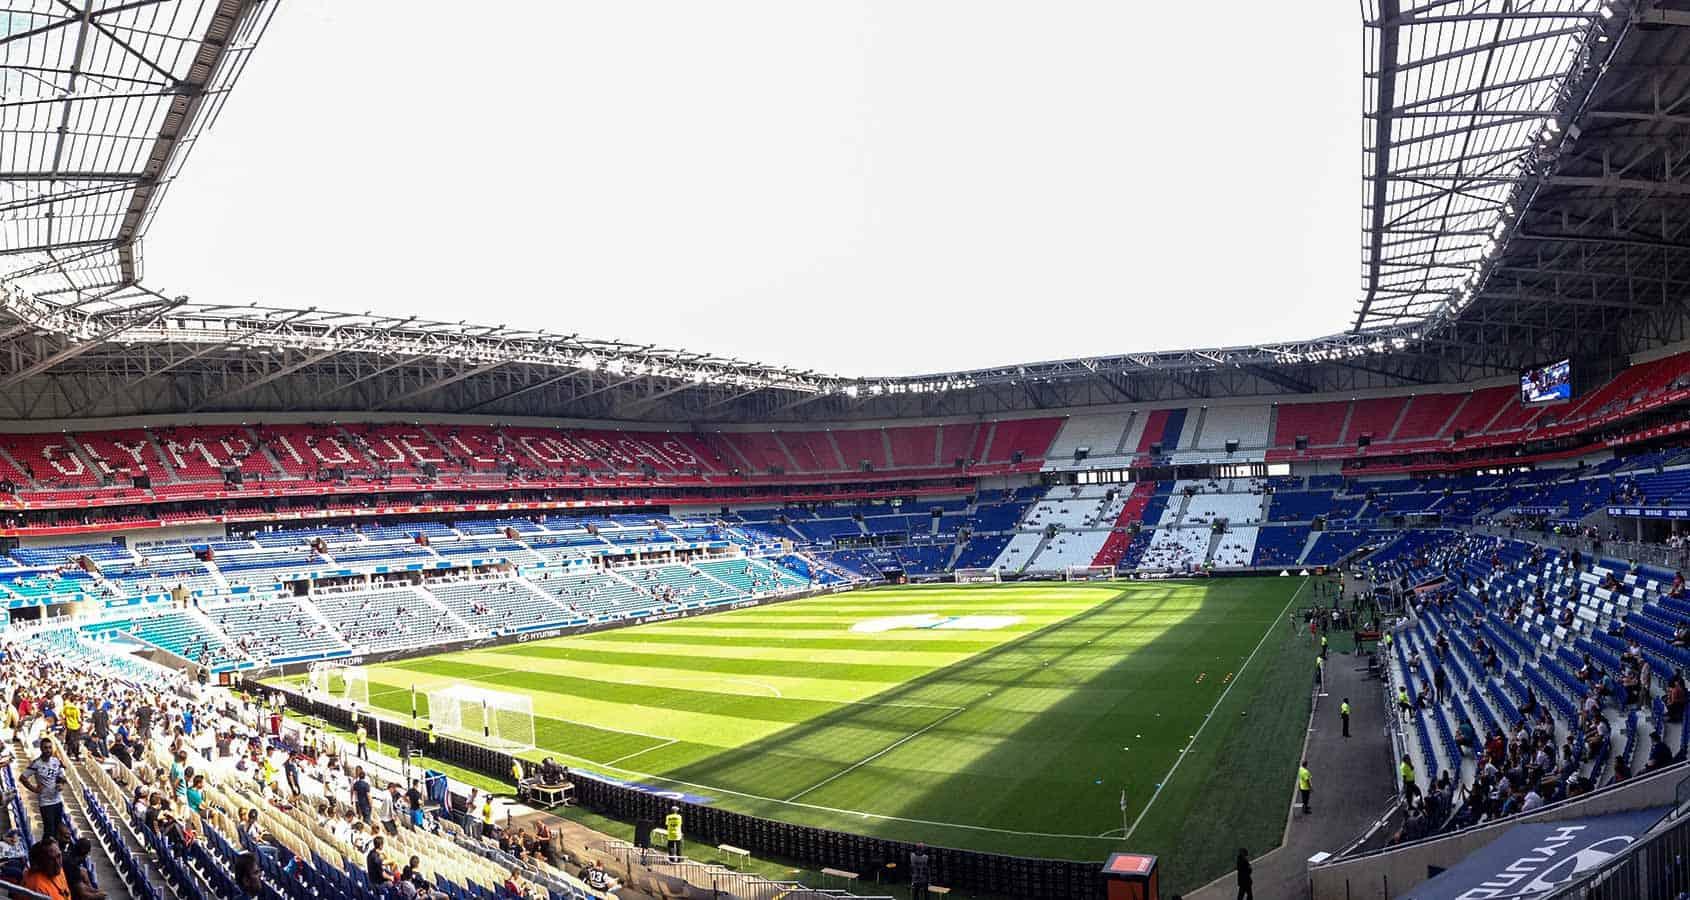 Fotbollsresor, Olympique Lyonnais Biljetter, Parc Olympique Lyonnais Frankrike